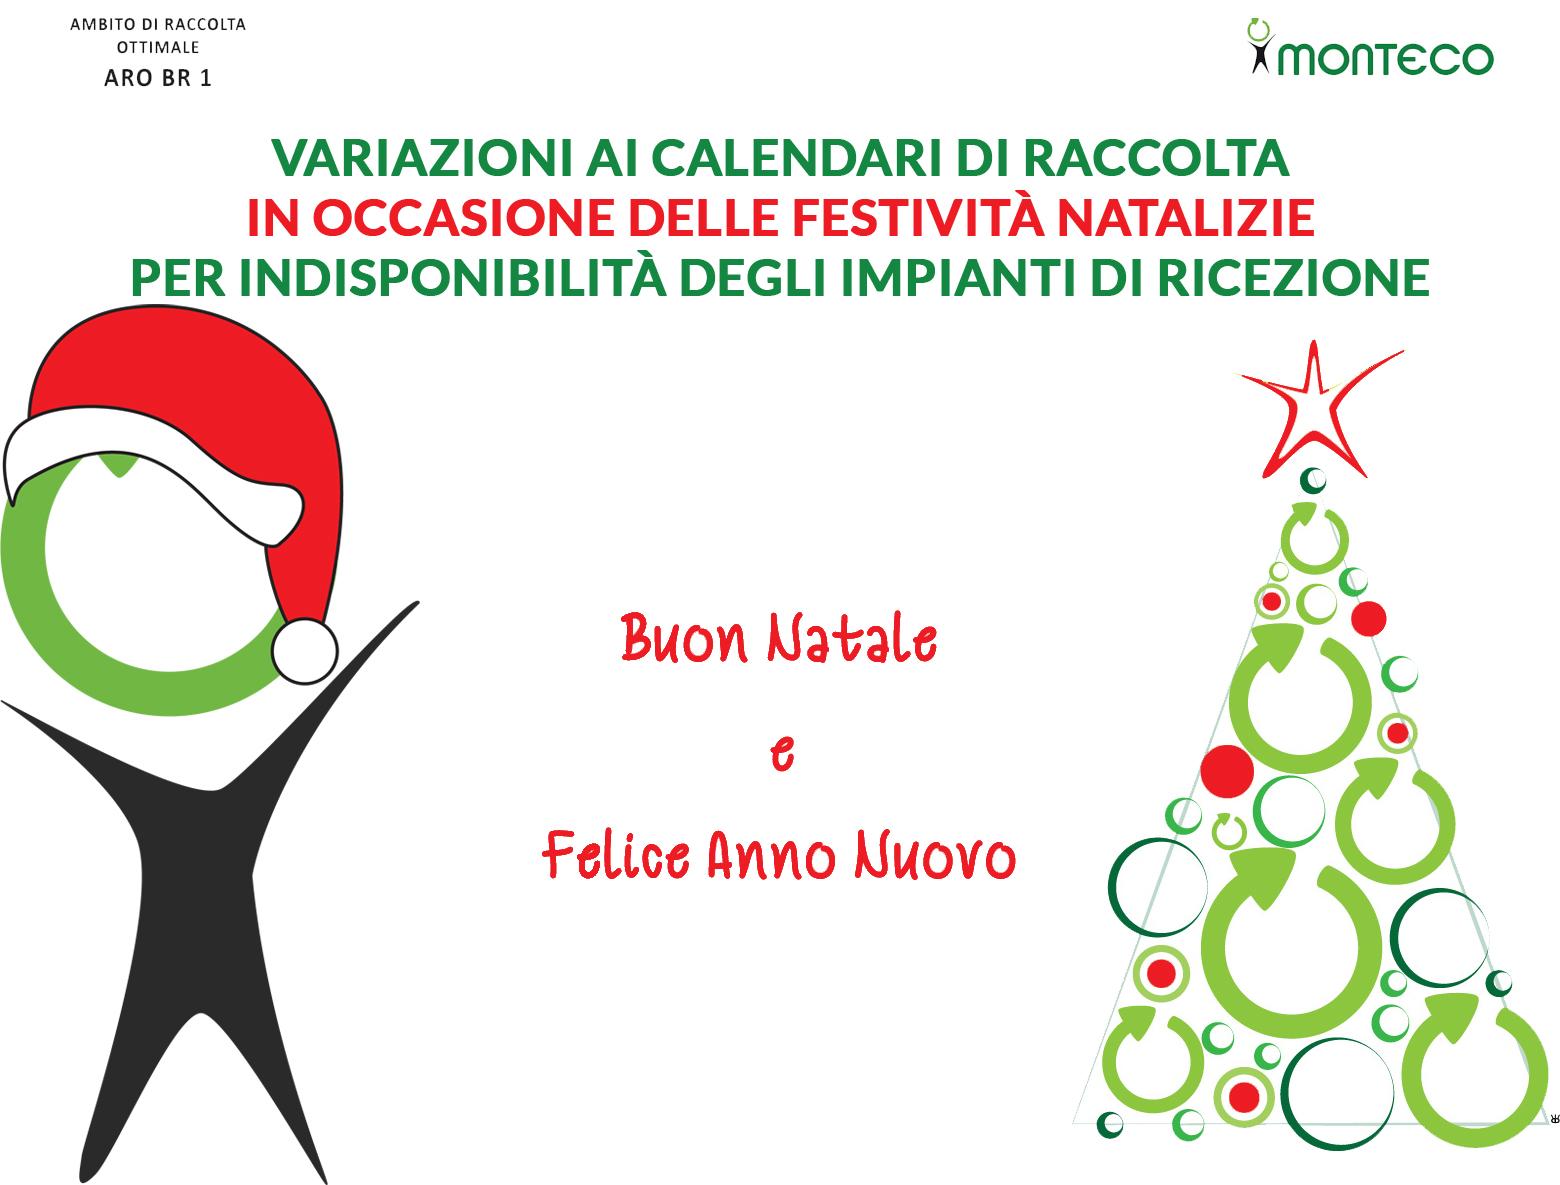 ARO BR 1. Variazione ai calendari di raccolta in occasione delle festività natalizie